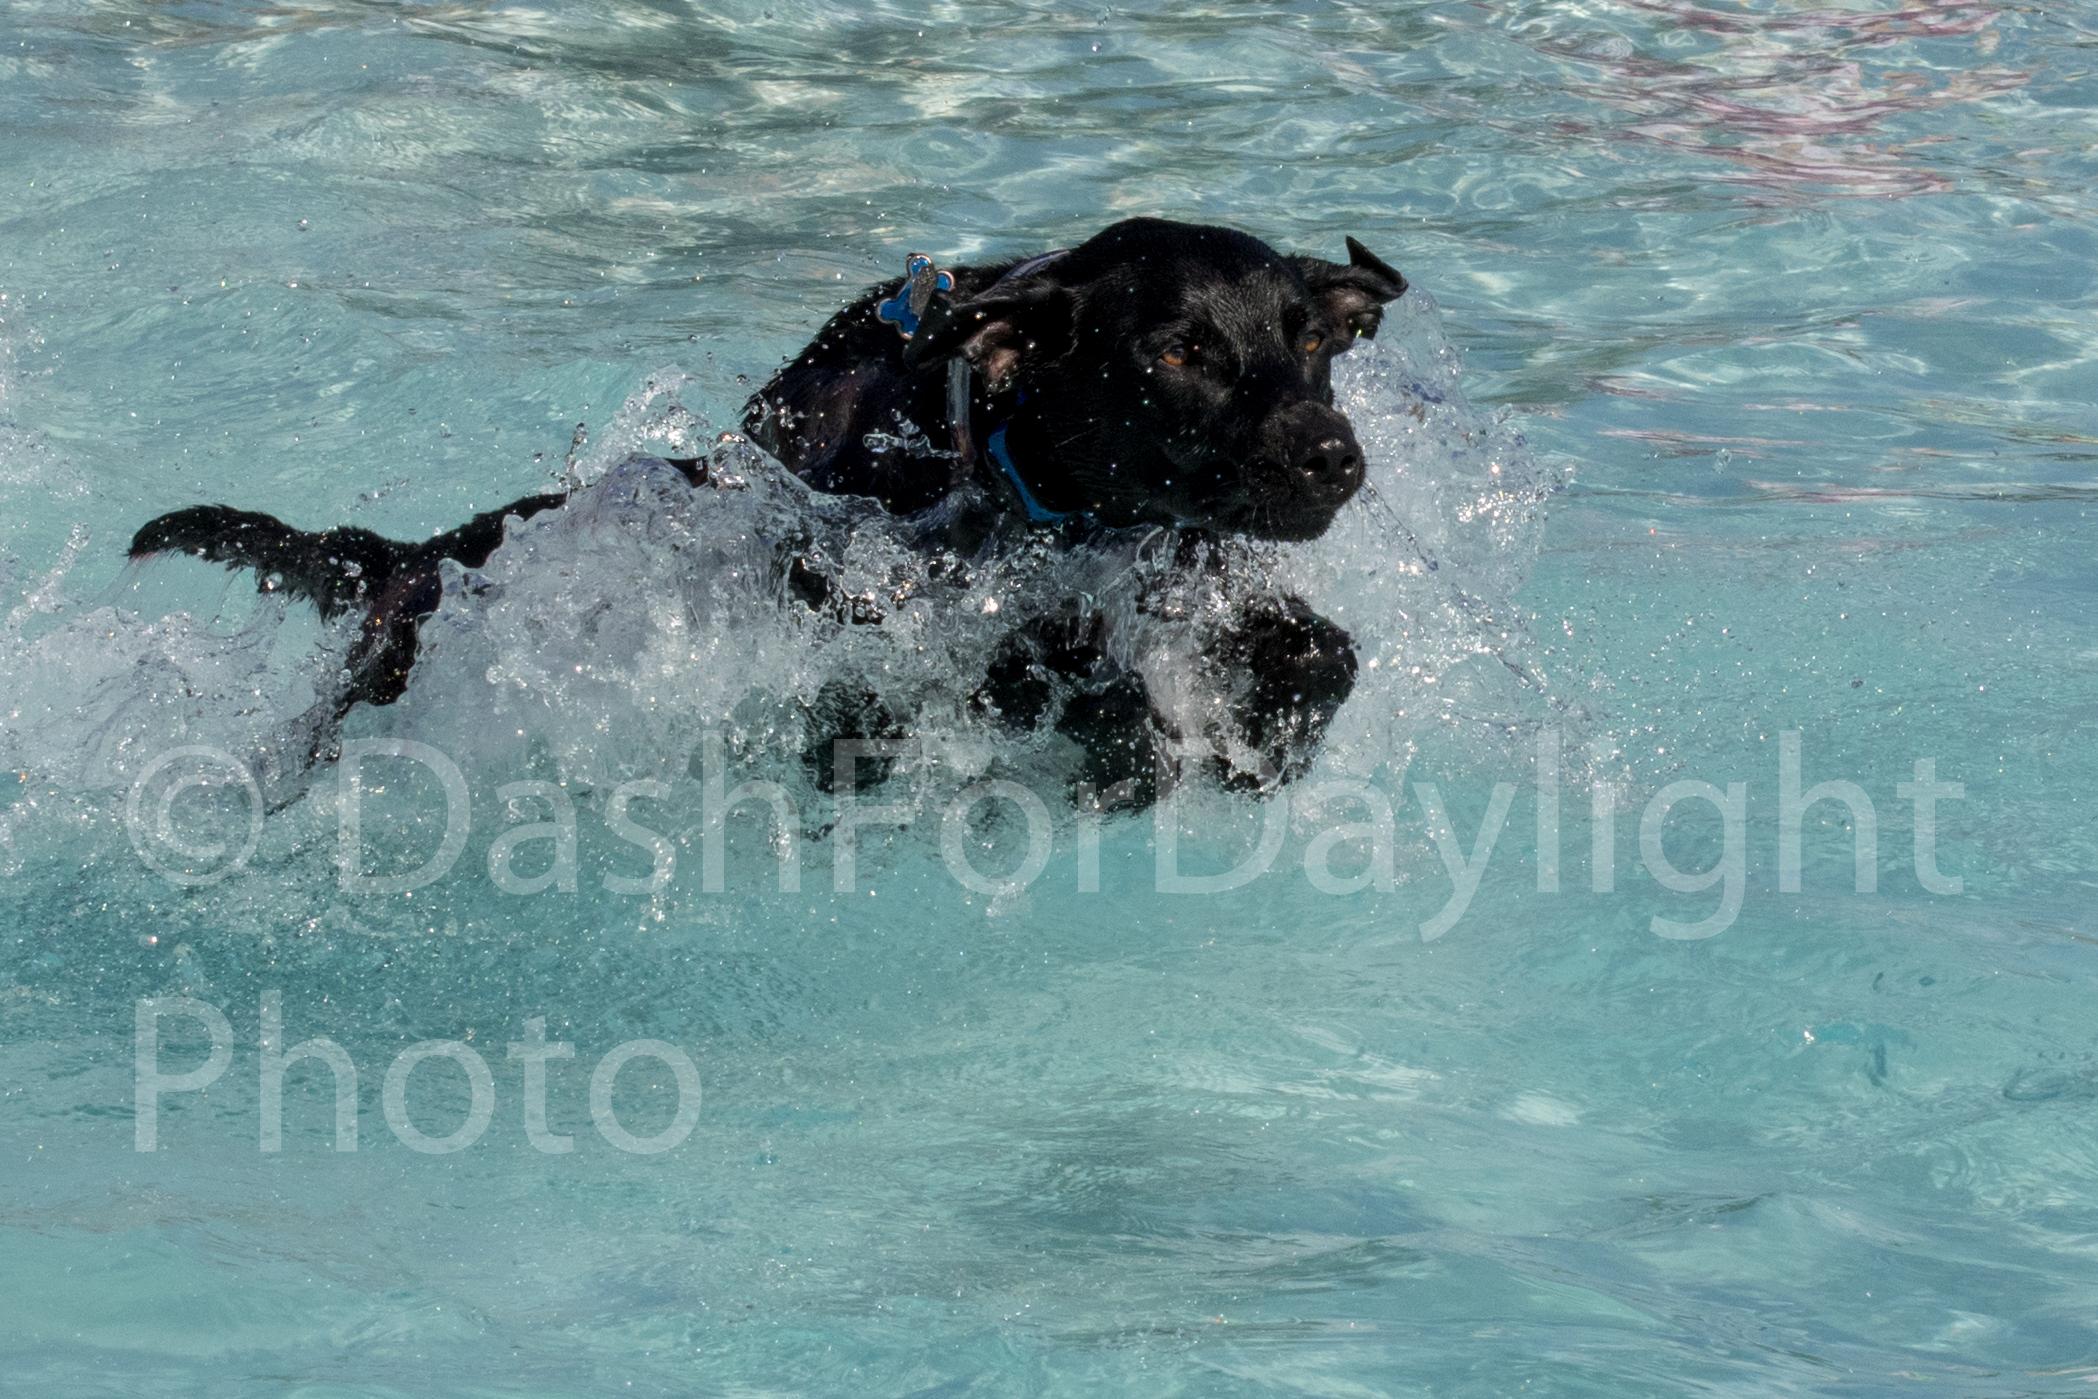 #1131 Bounding in Water